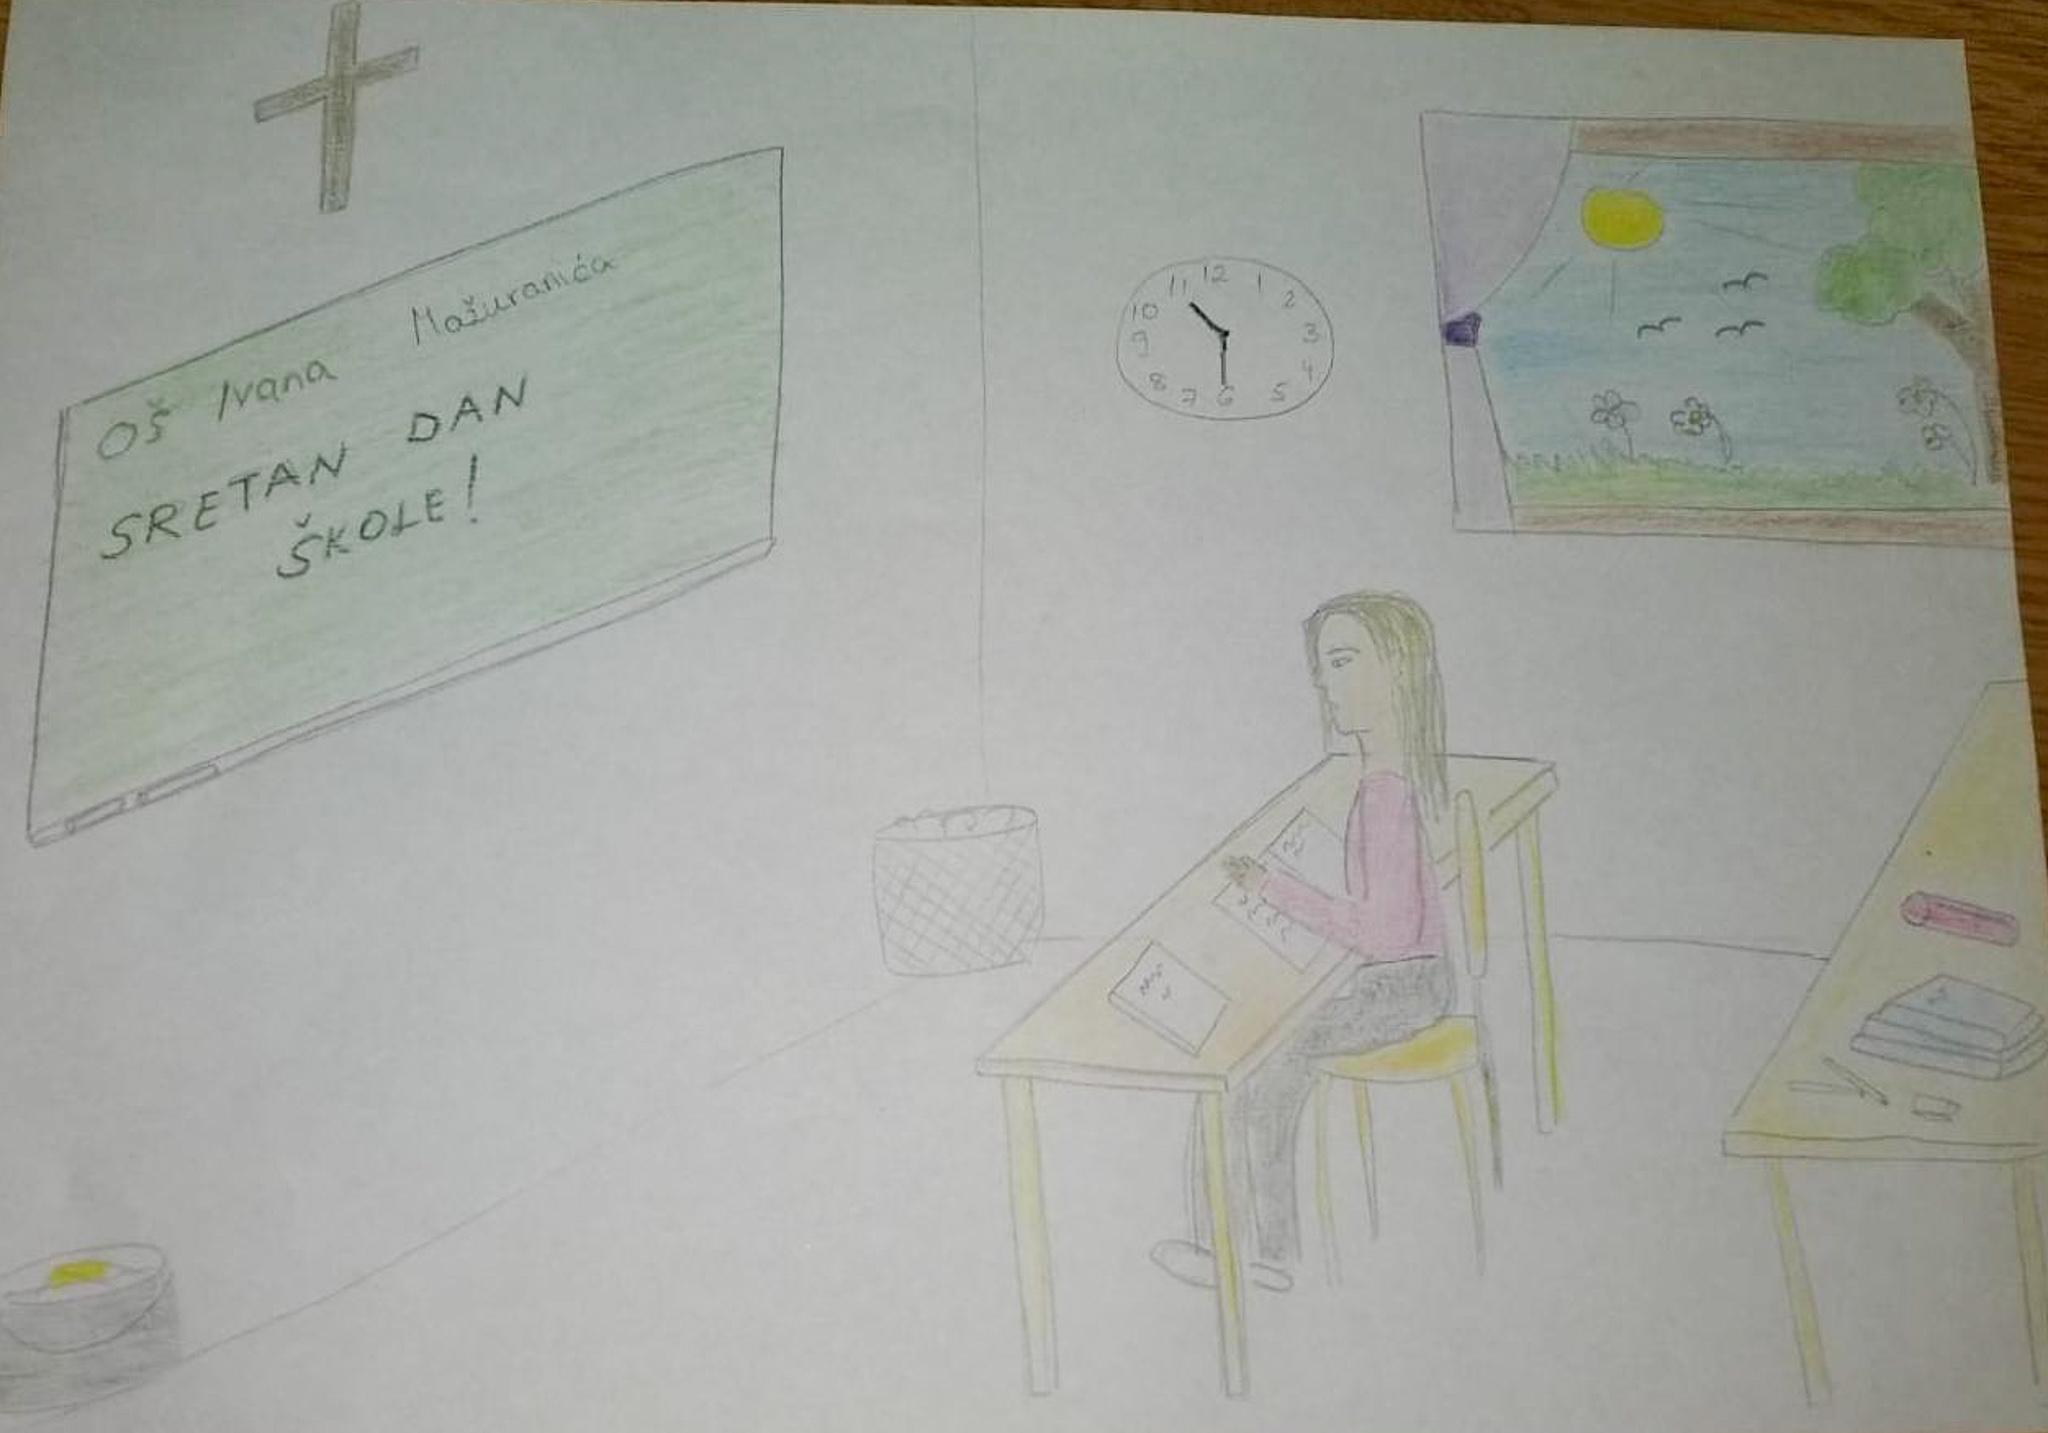 dan_skole-12